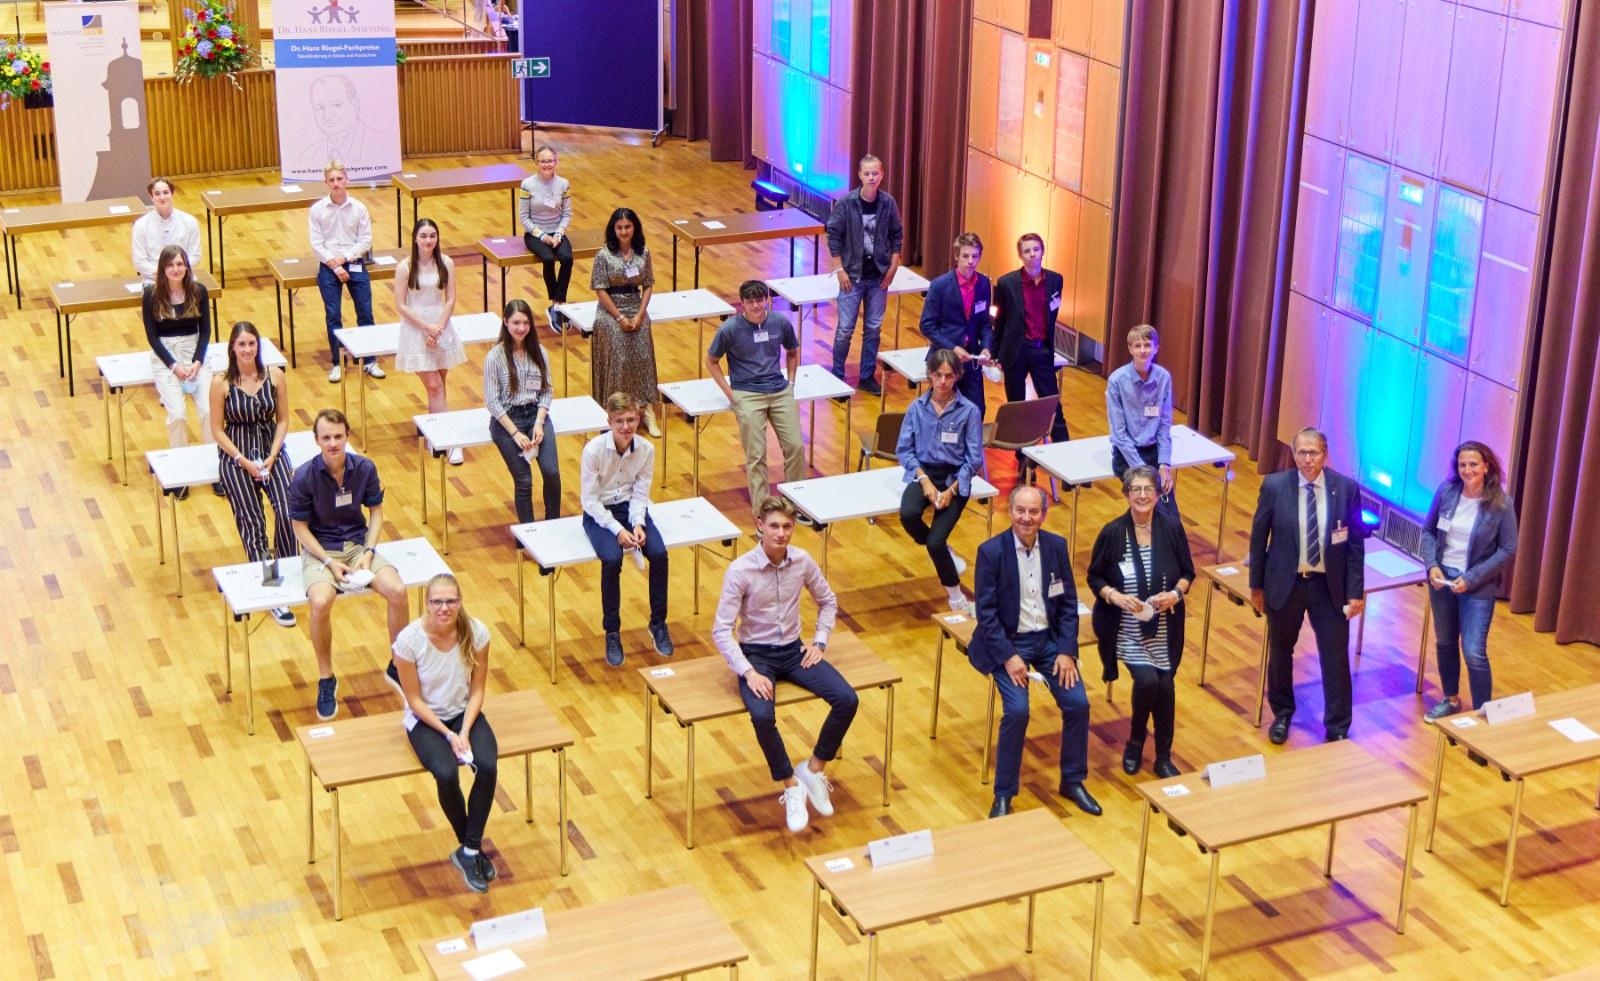 Preisträger:innen mit Vertretungen der Dr. Hans Riegel-Stiftung und der Universität Bonn